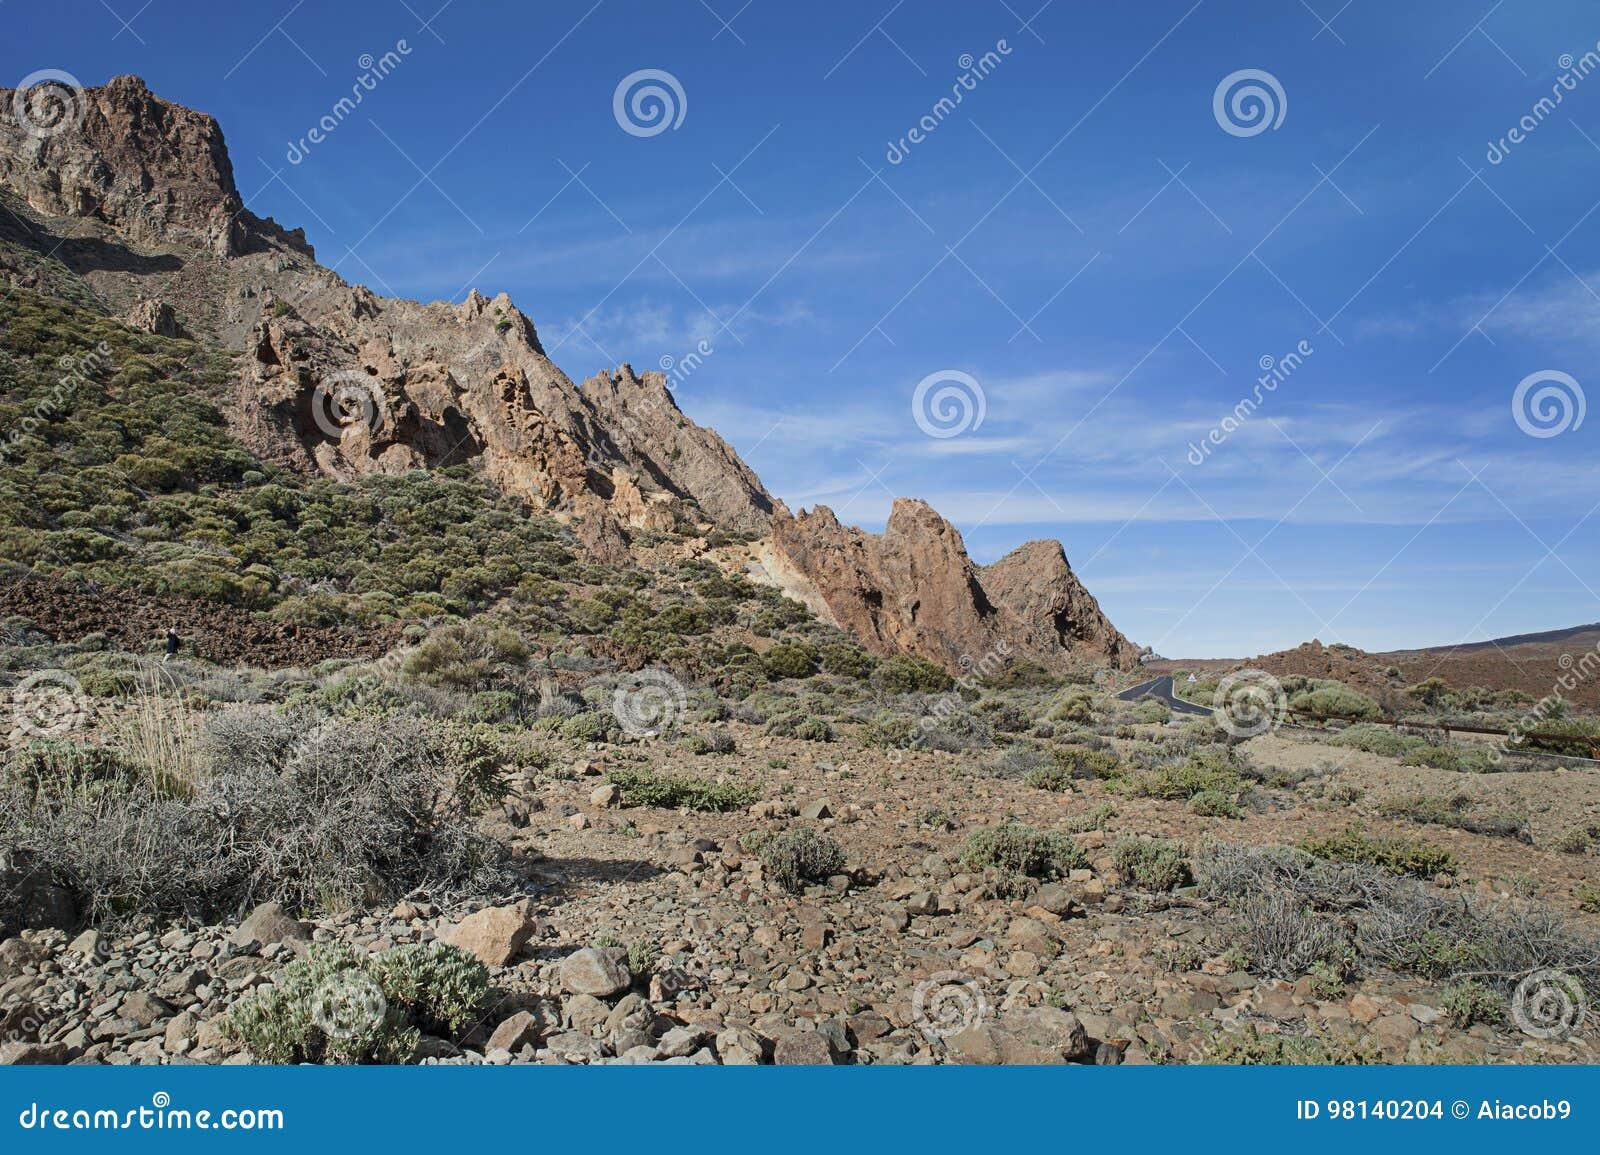 Paisagem incomum do parque nacional Las Canadas del Teide, Tenerife, Ilhas Canárias, Espanha